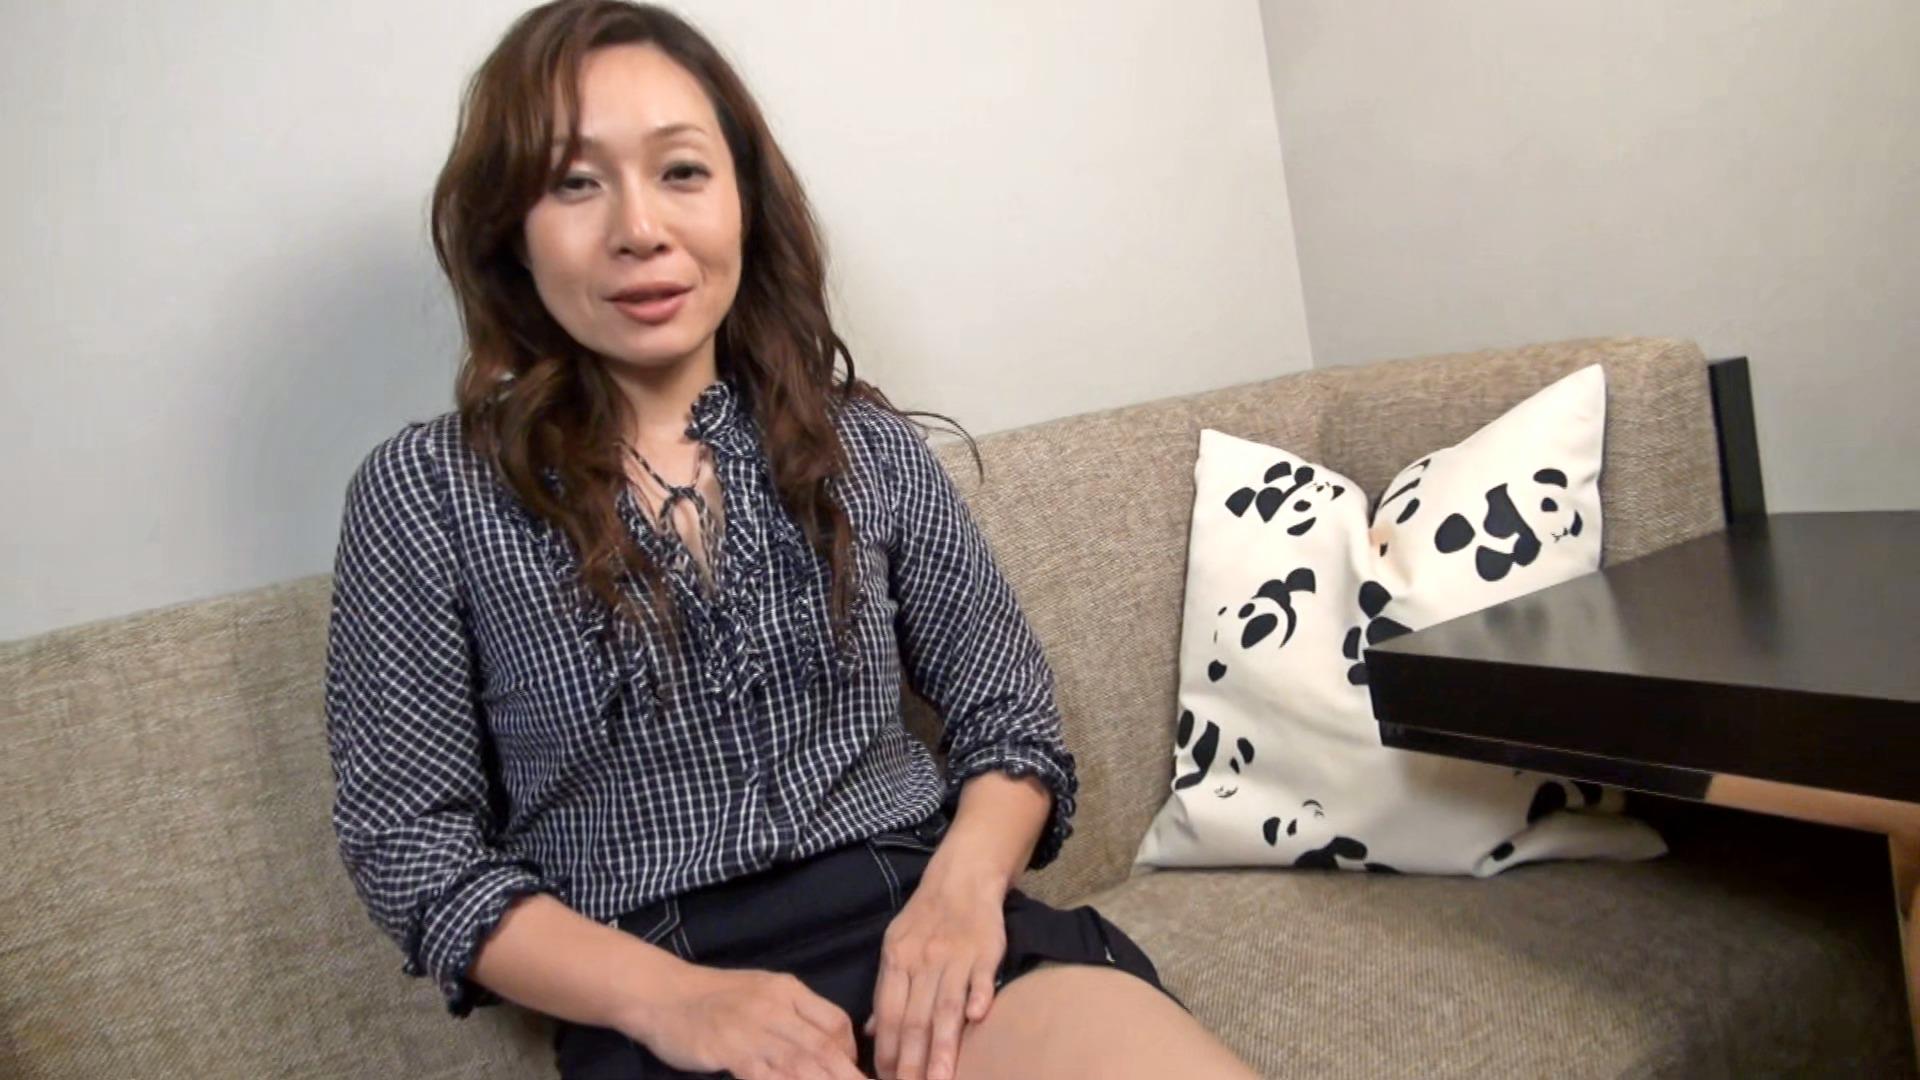 【四十路】素人熟妻インタビュー 96人目のサンプル動画